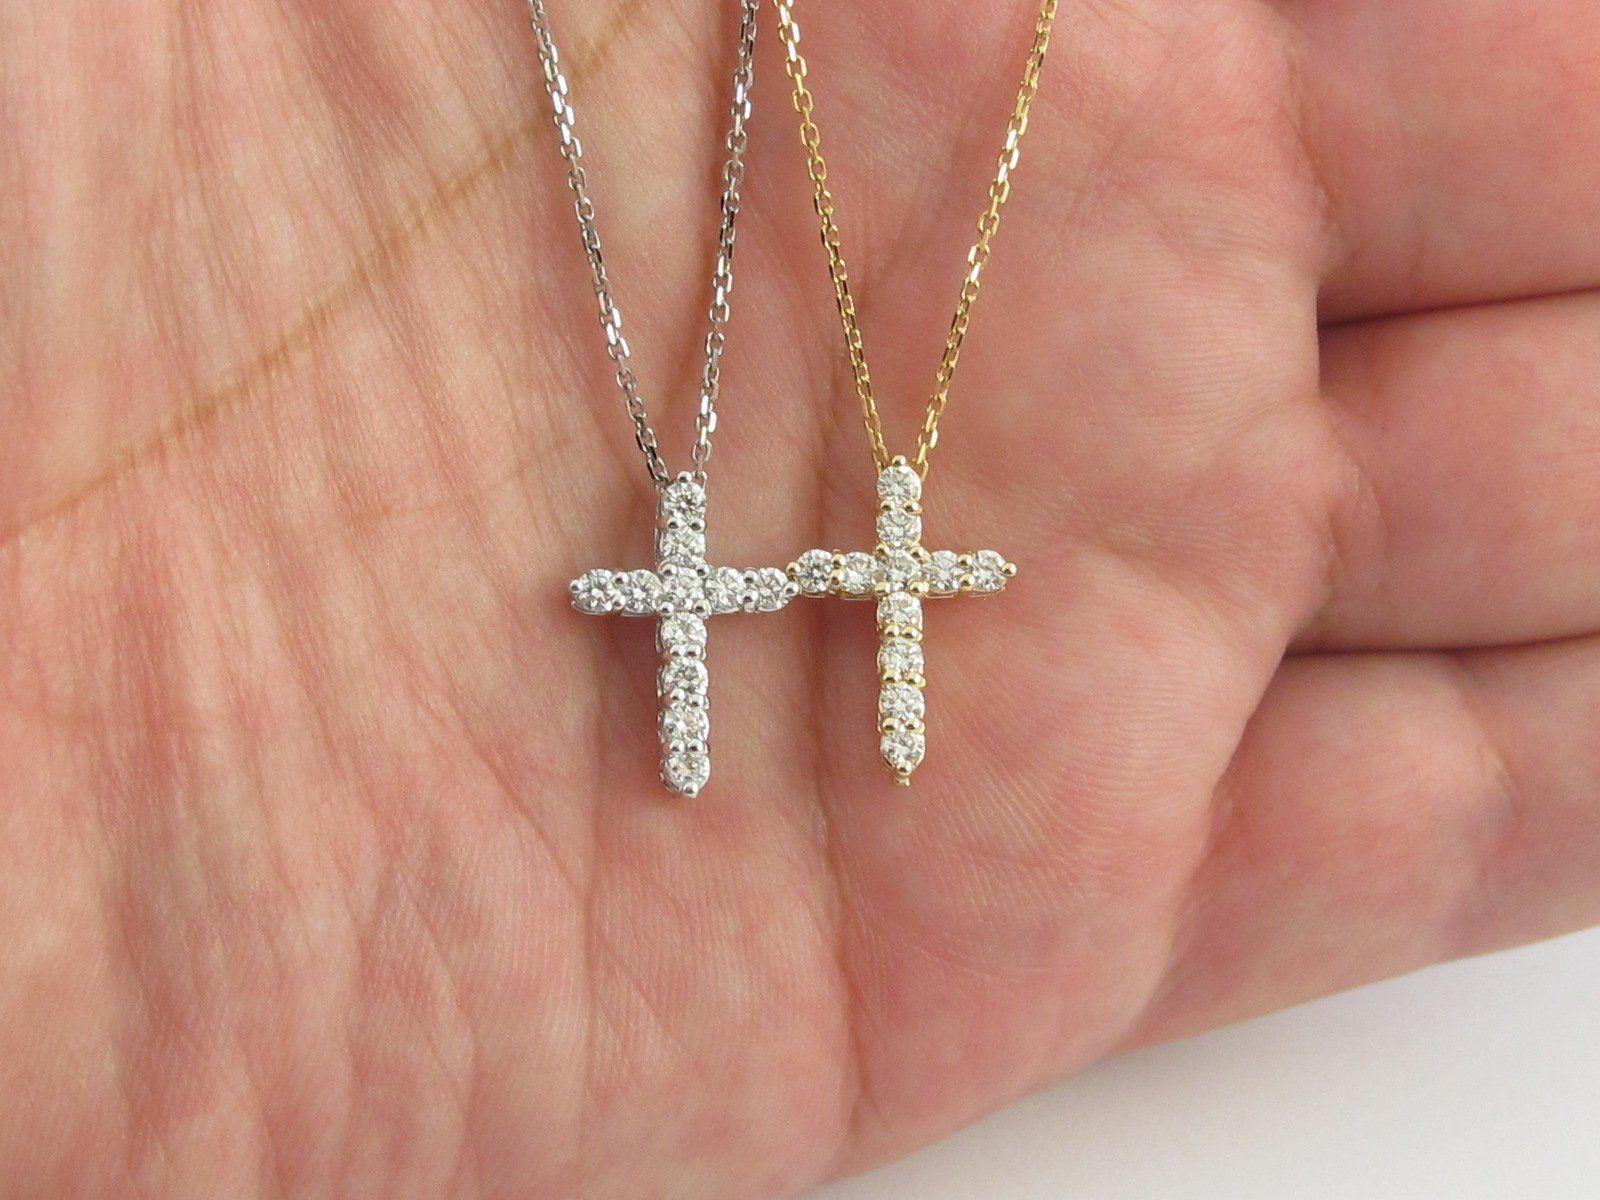 14k Gold Diamond Cross Necklace 16 18 20 Etsy Diamond Cross Necklaces Diamond Cross Pendants Diamond Cross Necklace Gold